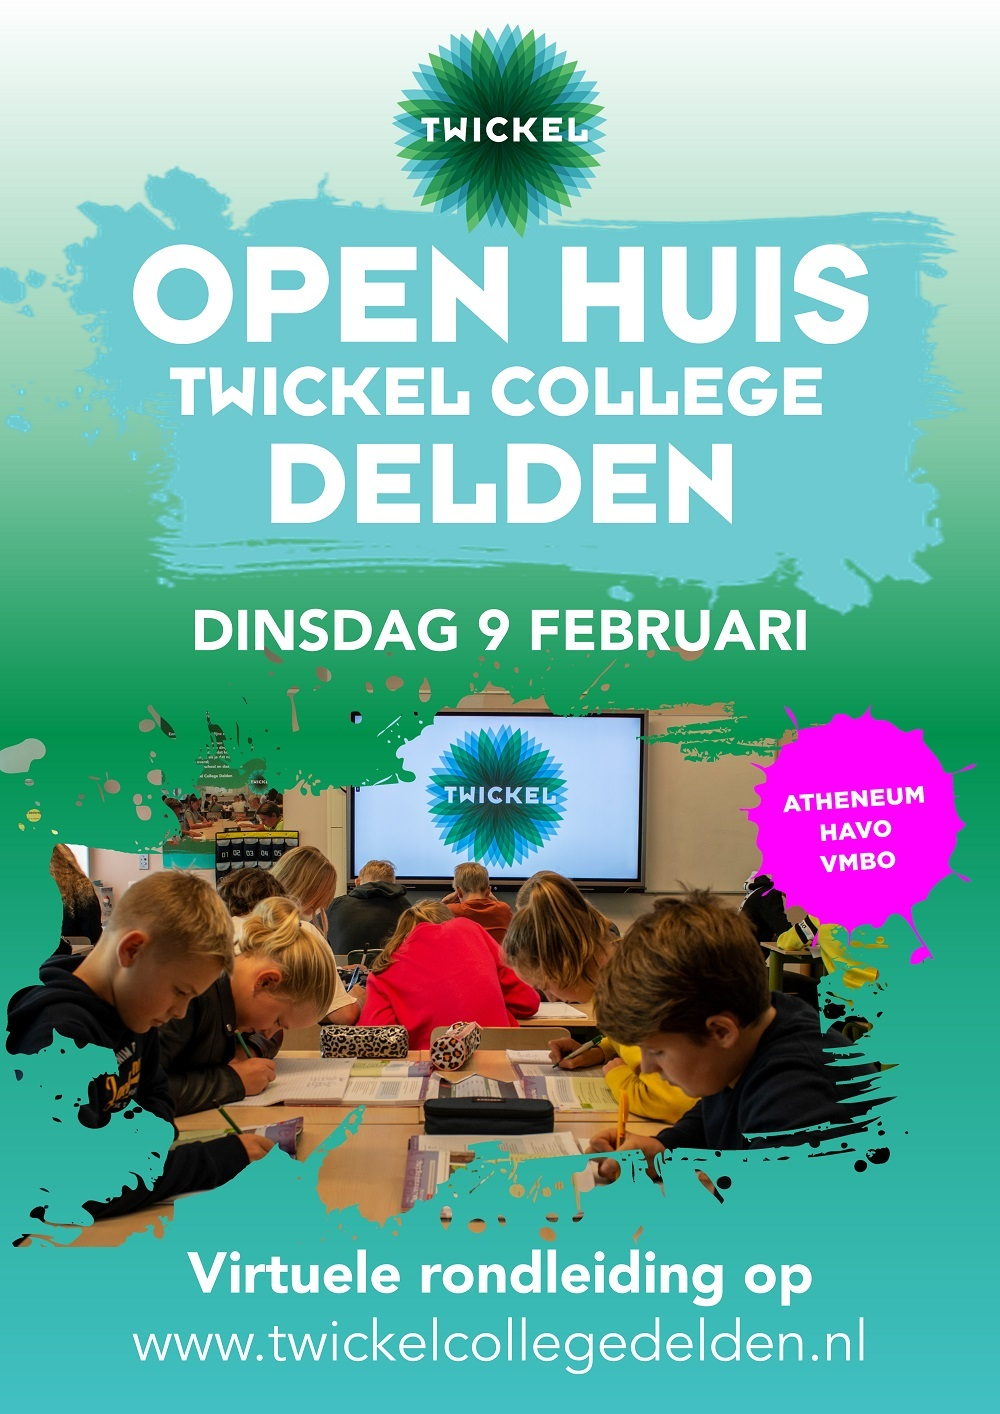 Open Huis Twickel College Delden 2021